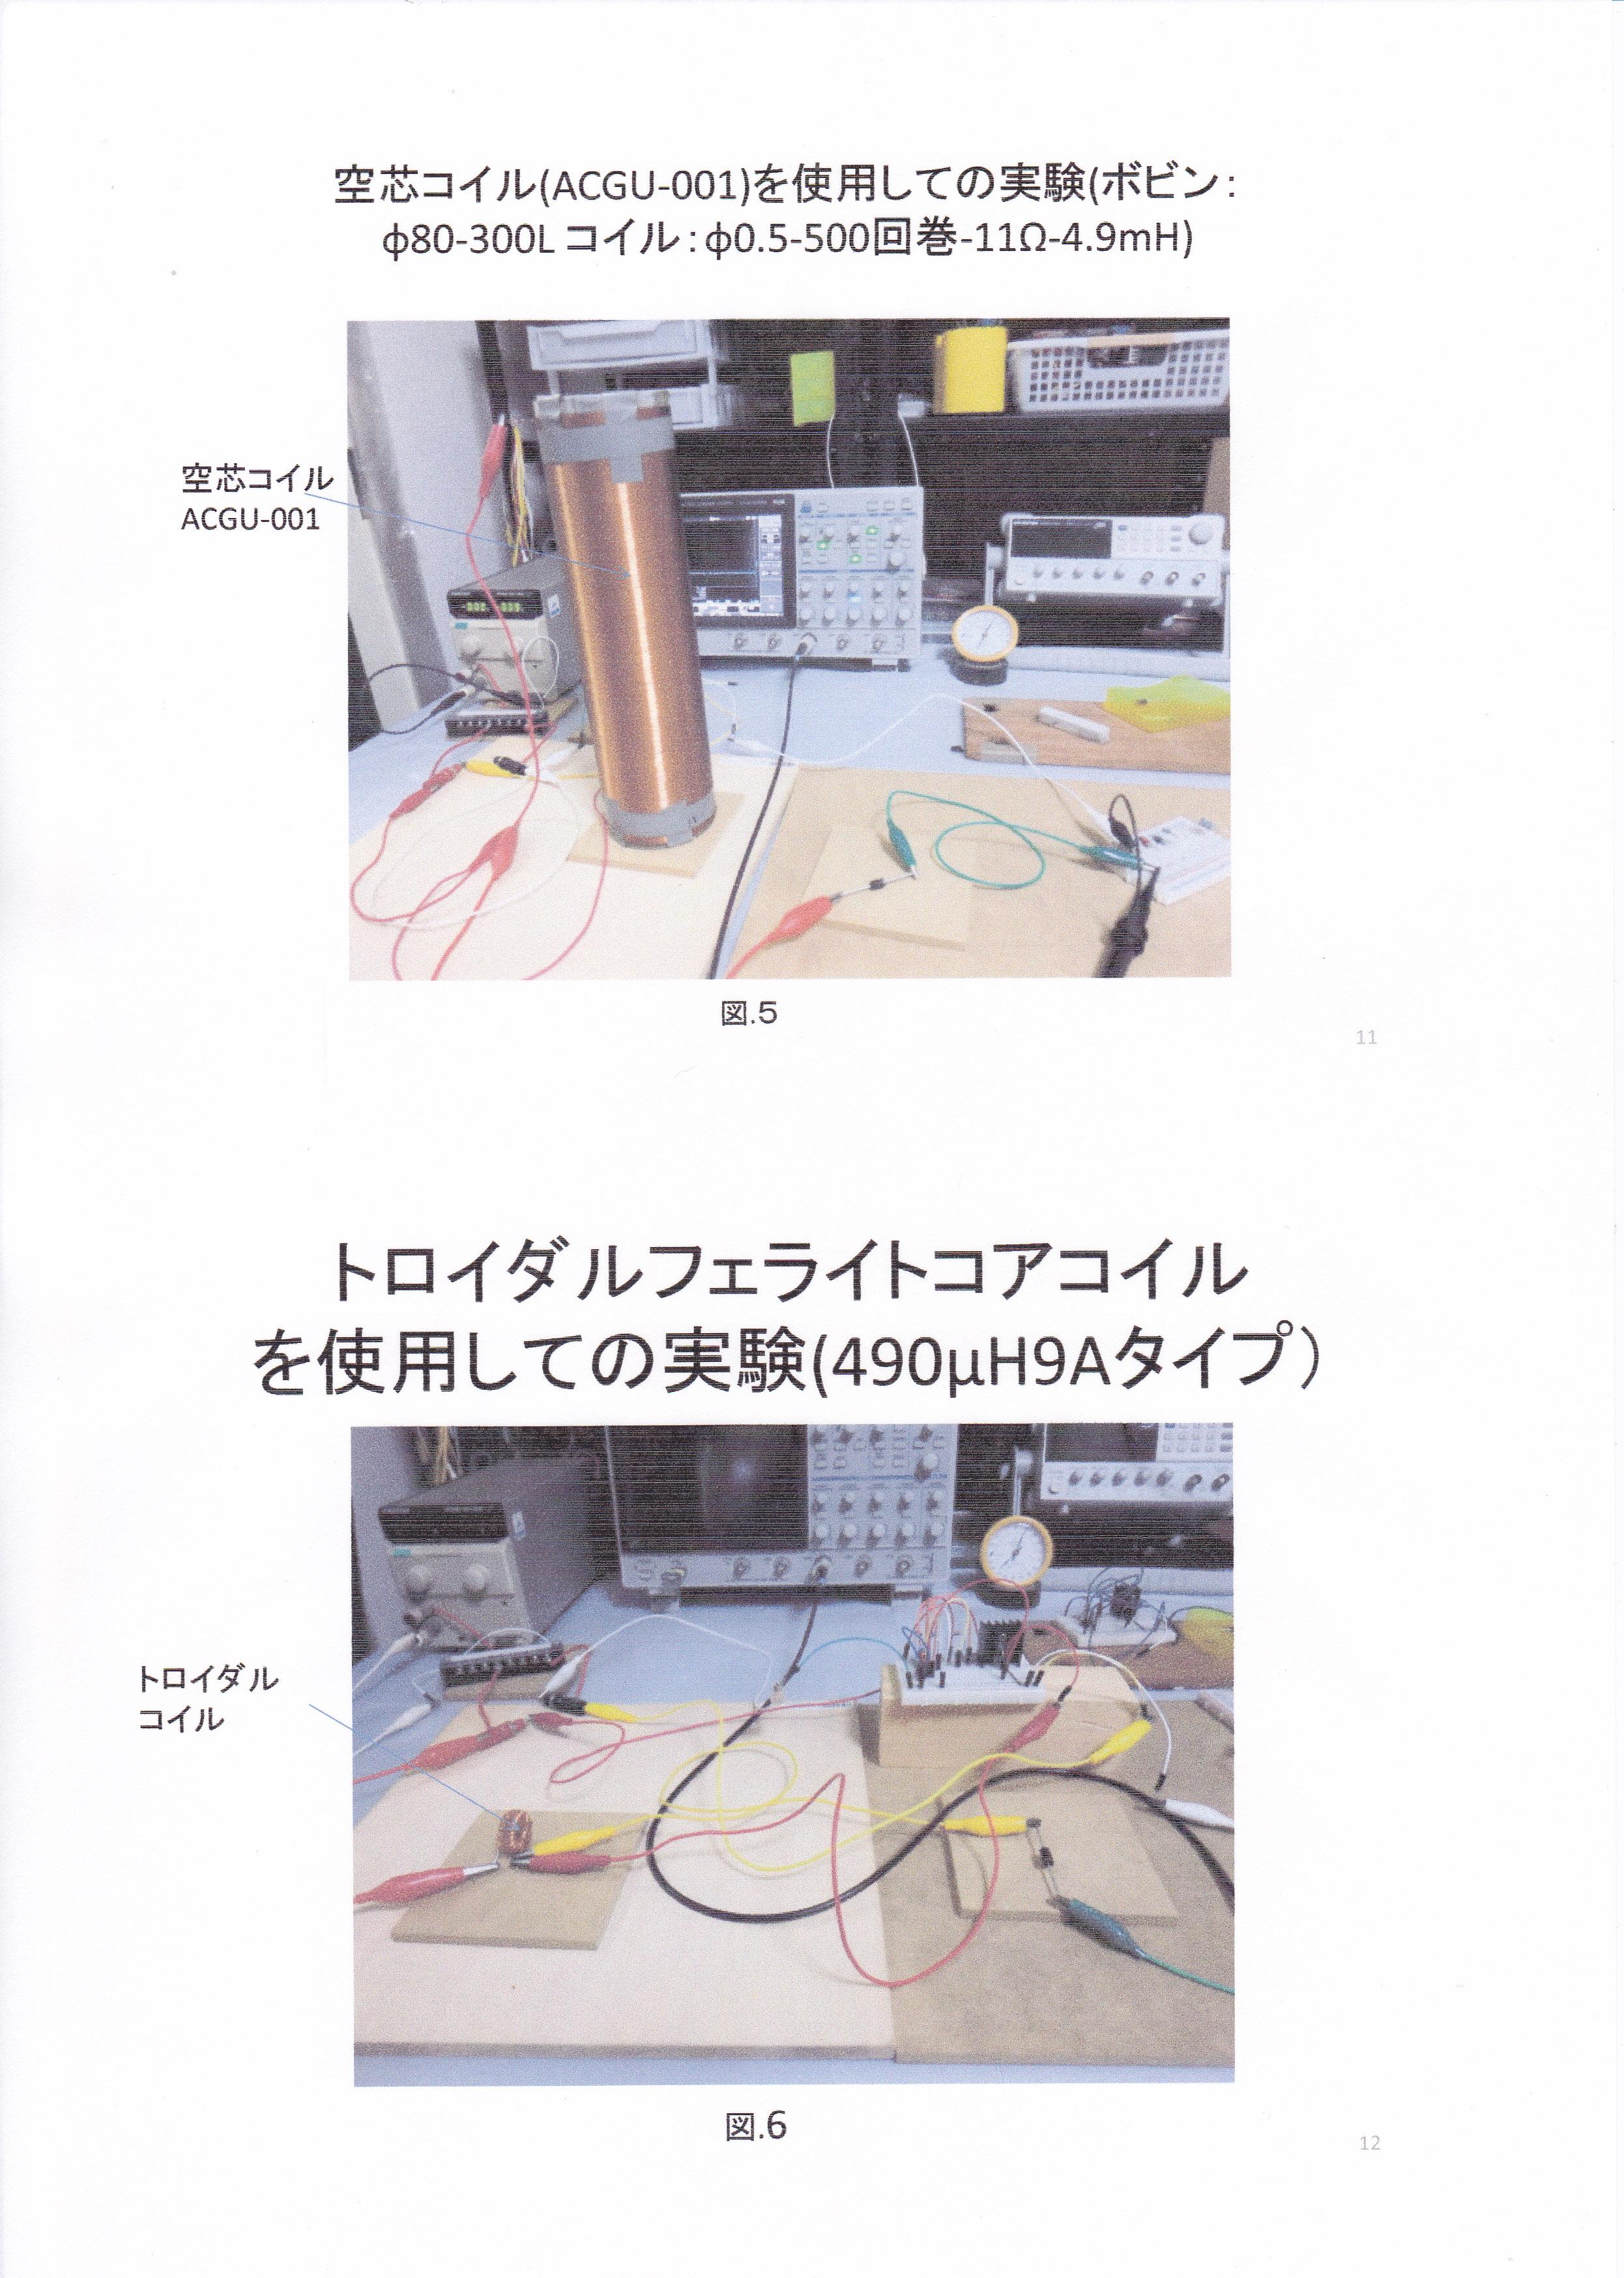 静止型発電機の基礎研究01-6